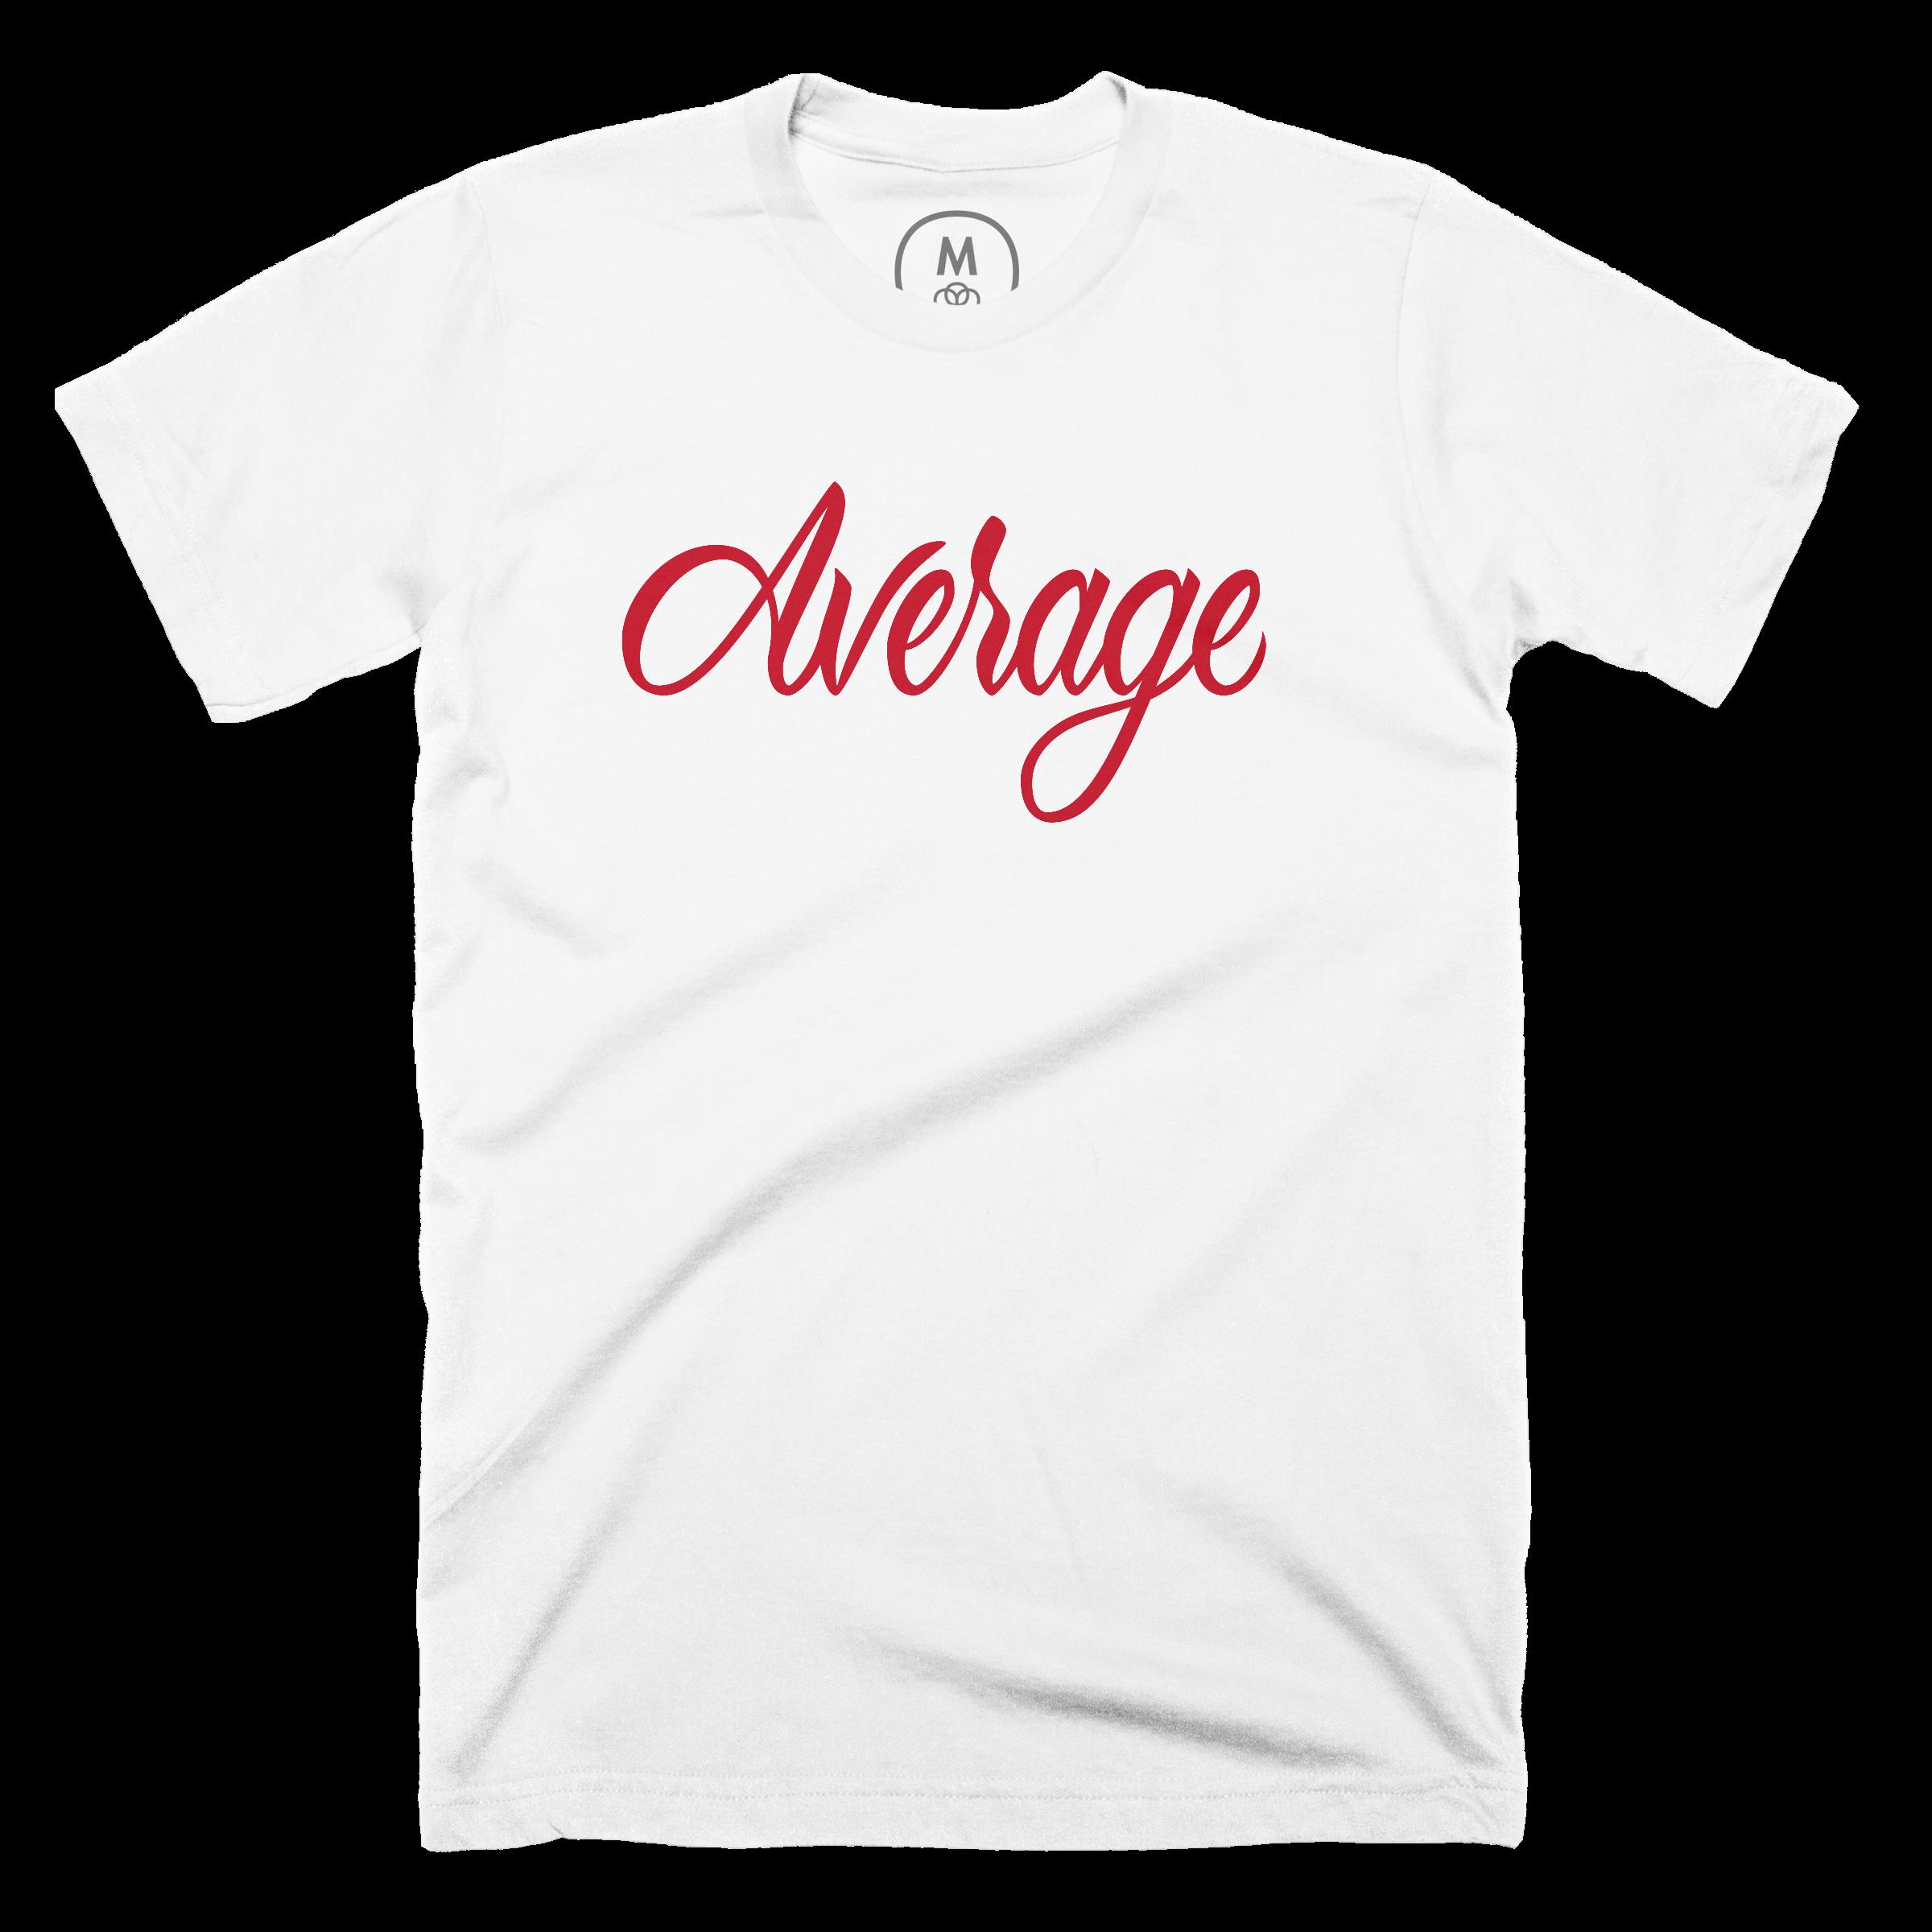 Your Average Tee